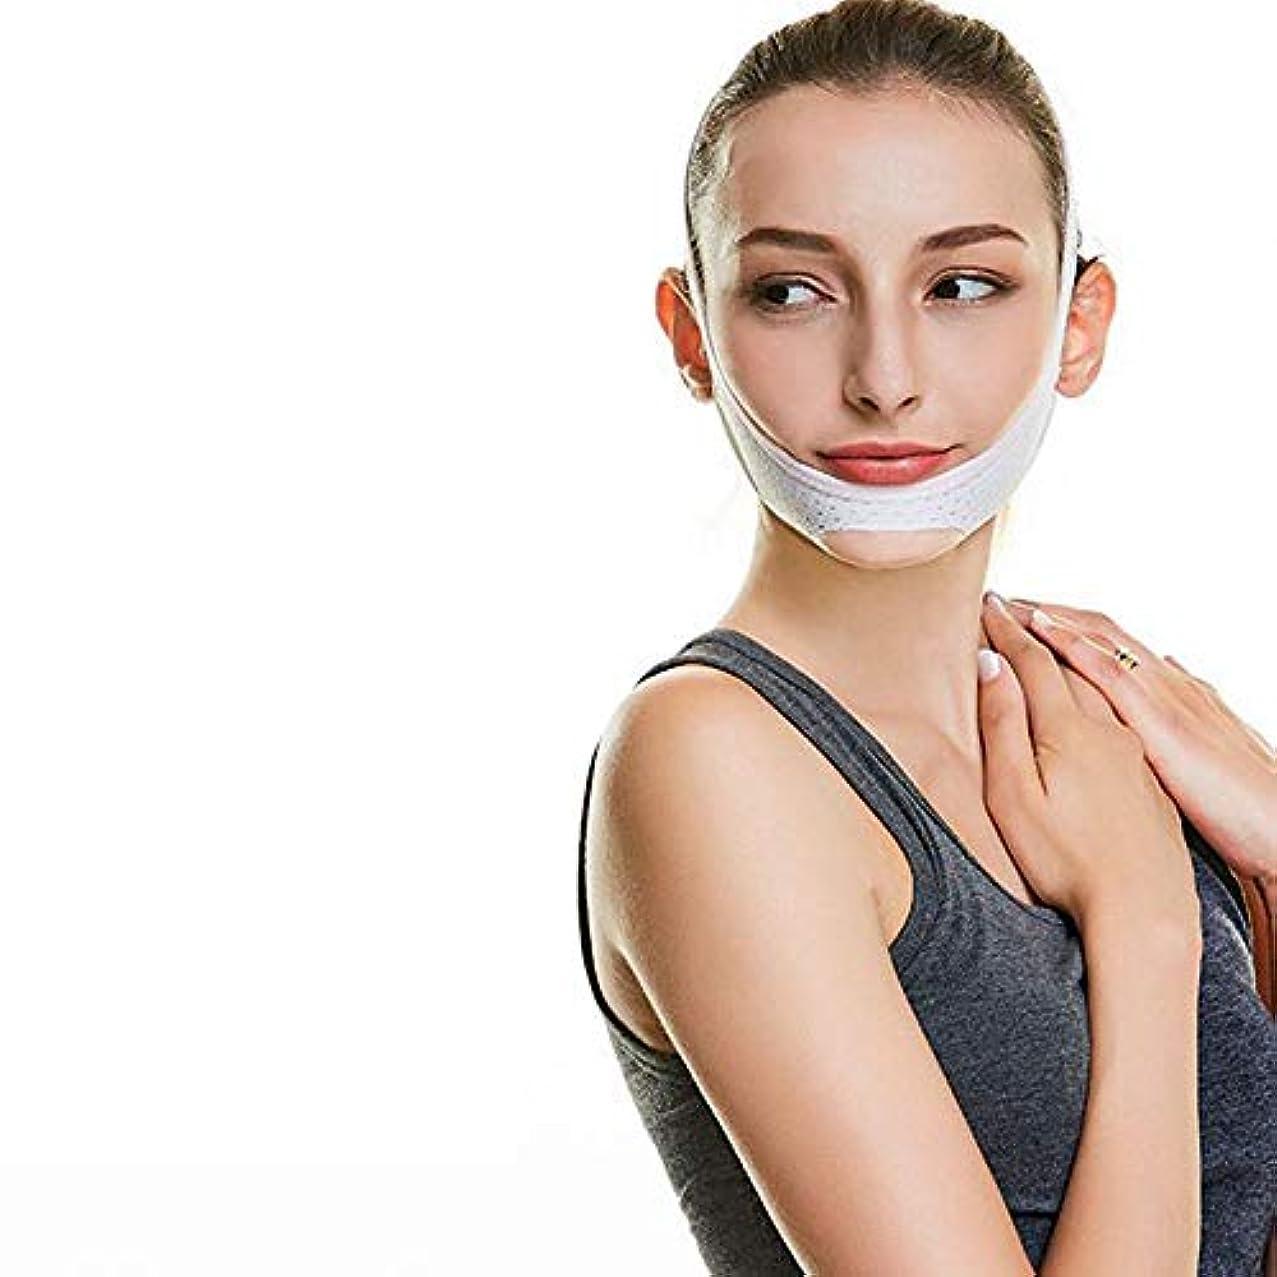 スキー口述する平等Vフェイスライン包帯、顎ほぐれ防止防シワマスク極薄ベルト/ダブルチンフェイスタイプアライナ(ホワイト)